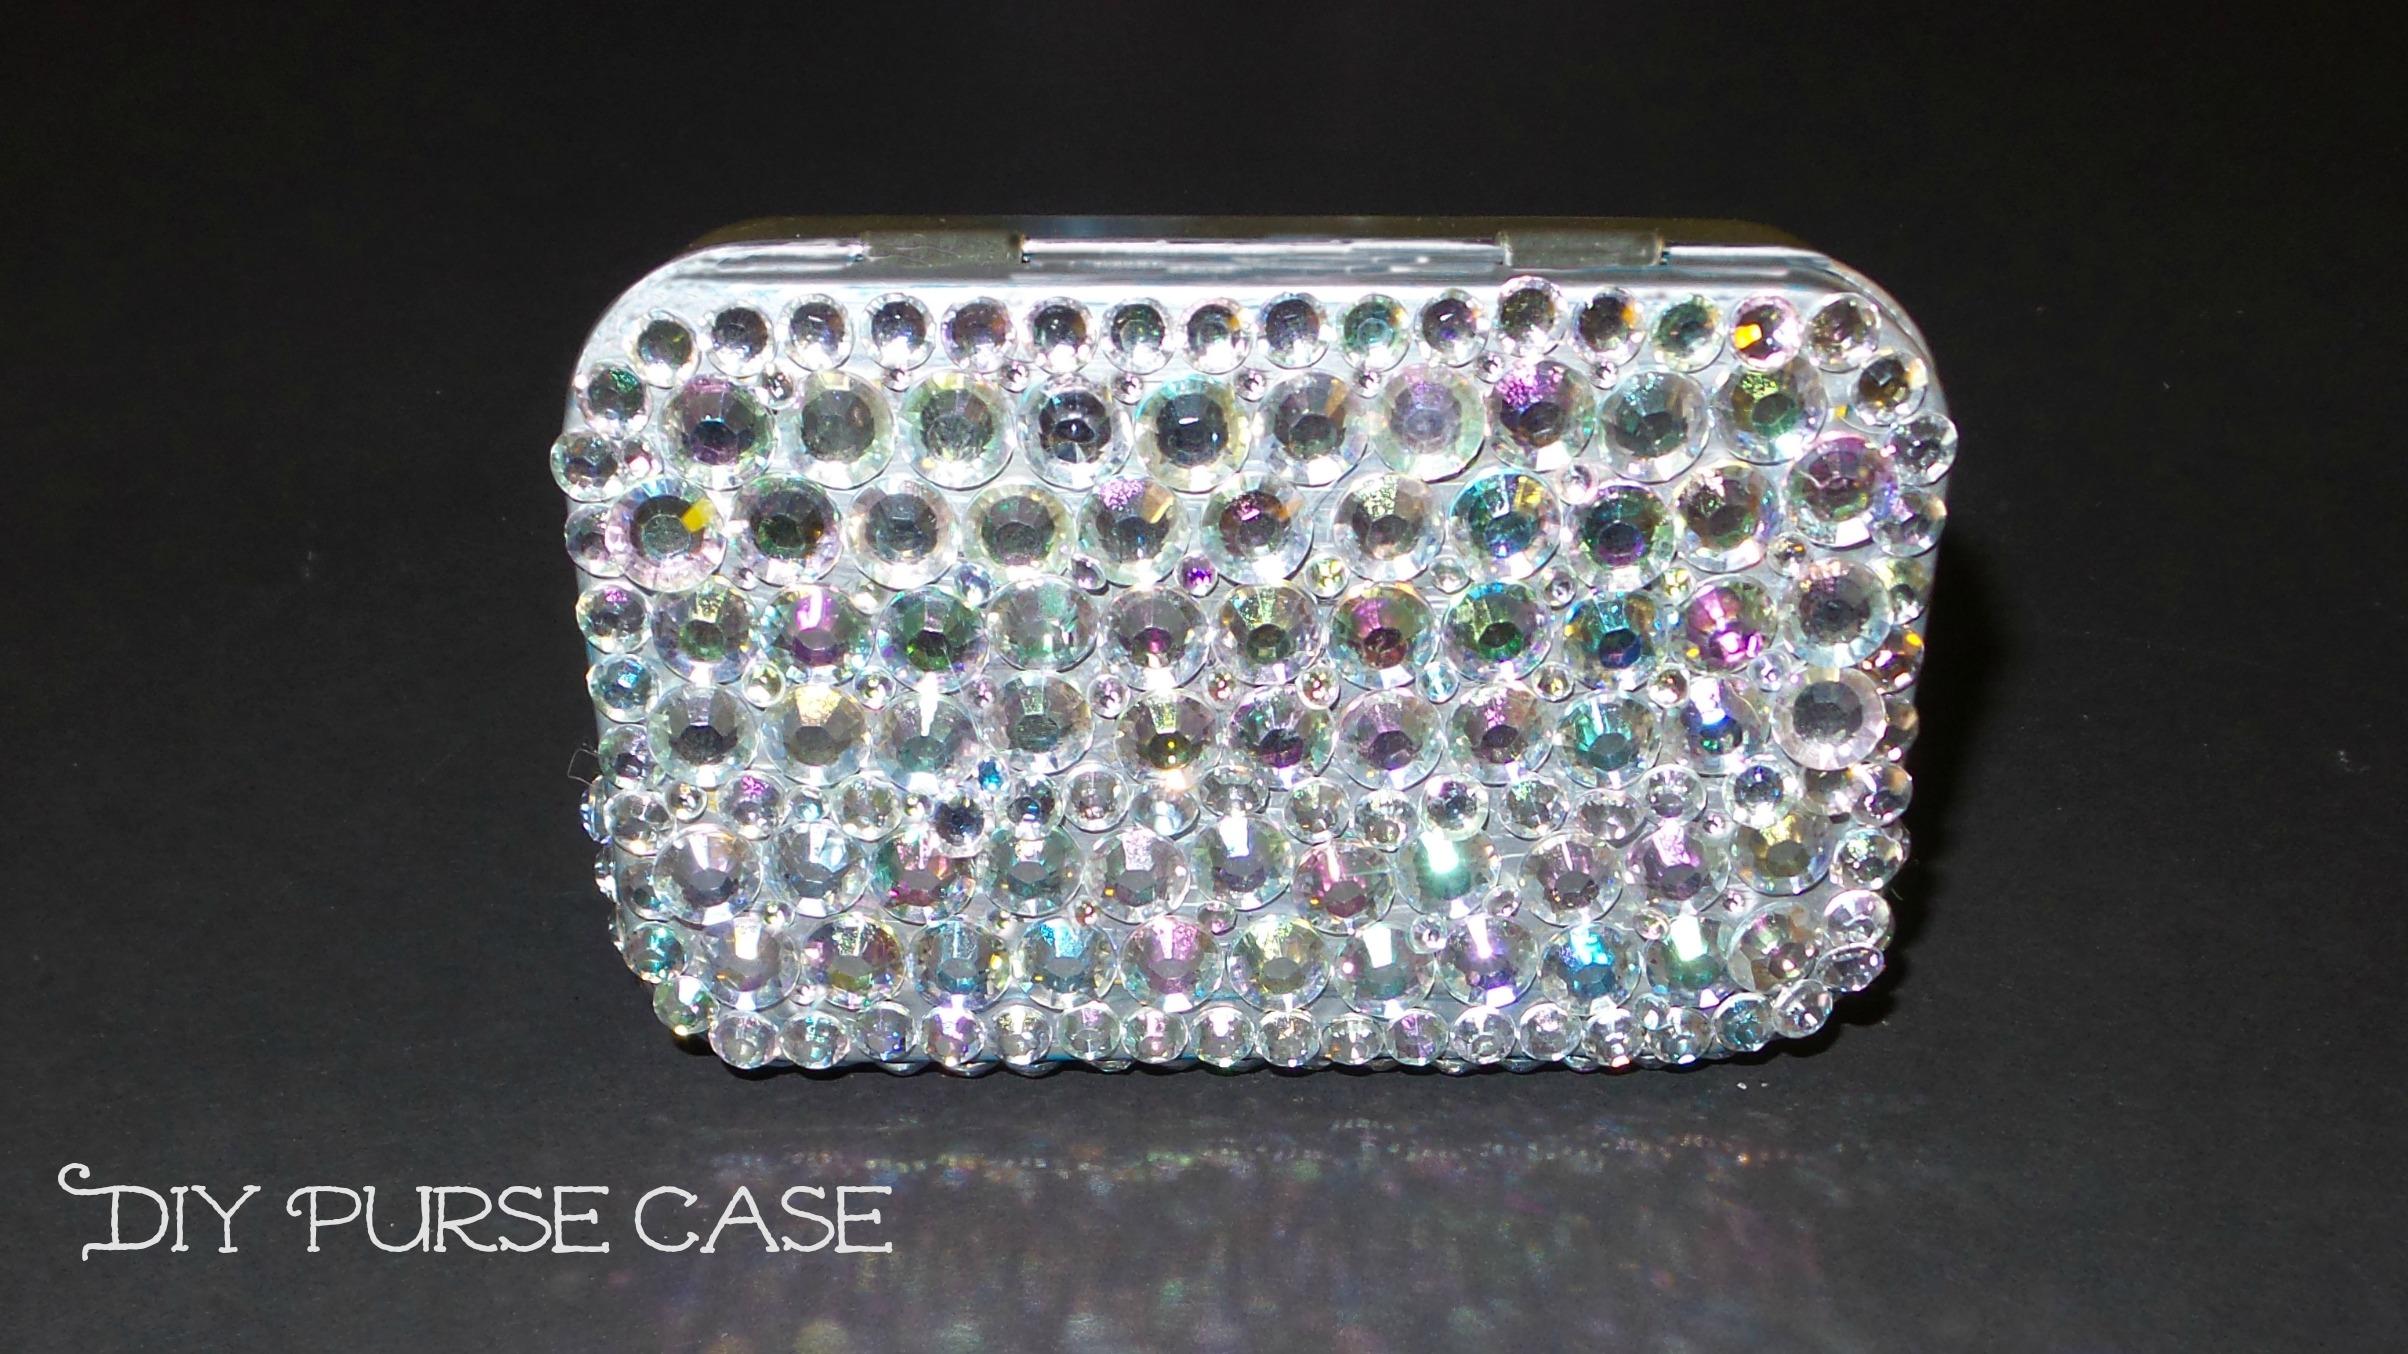 diy purse case